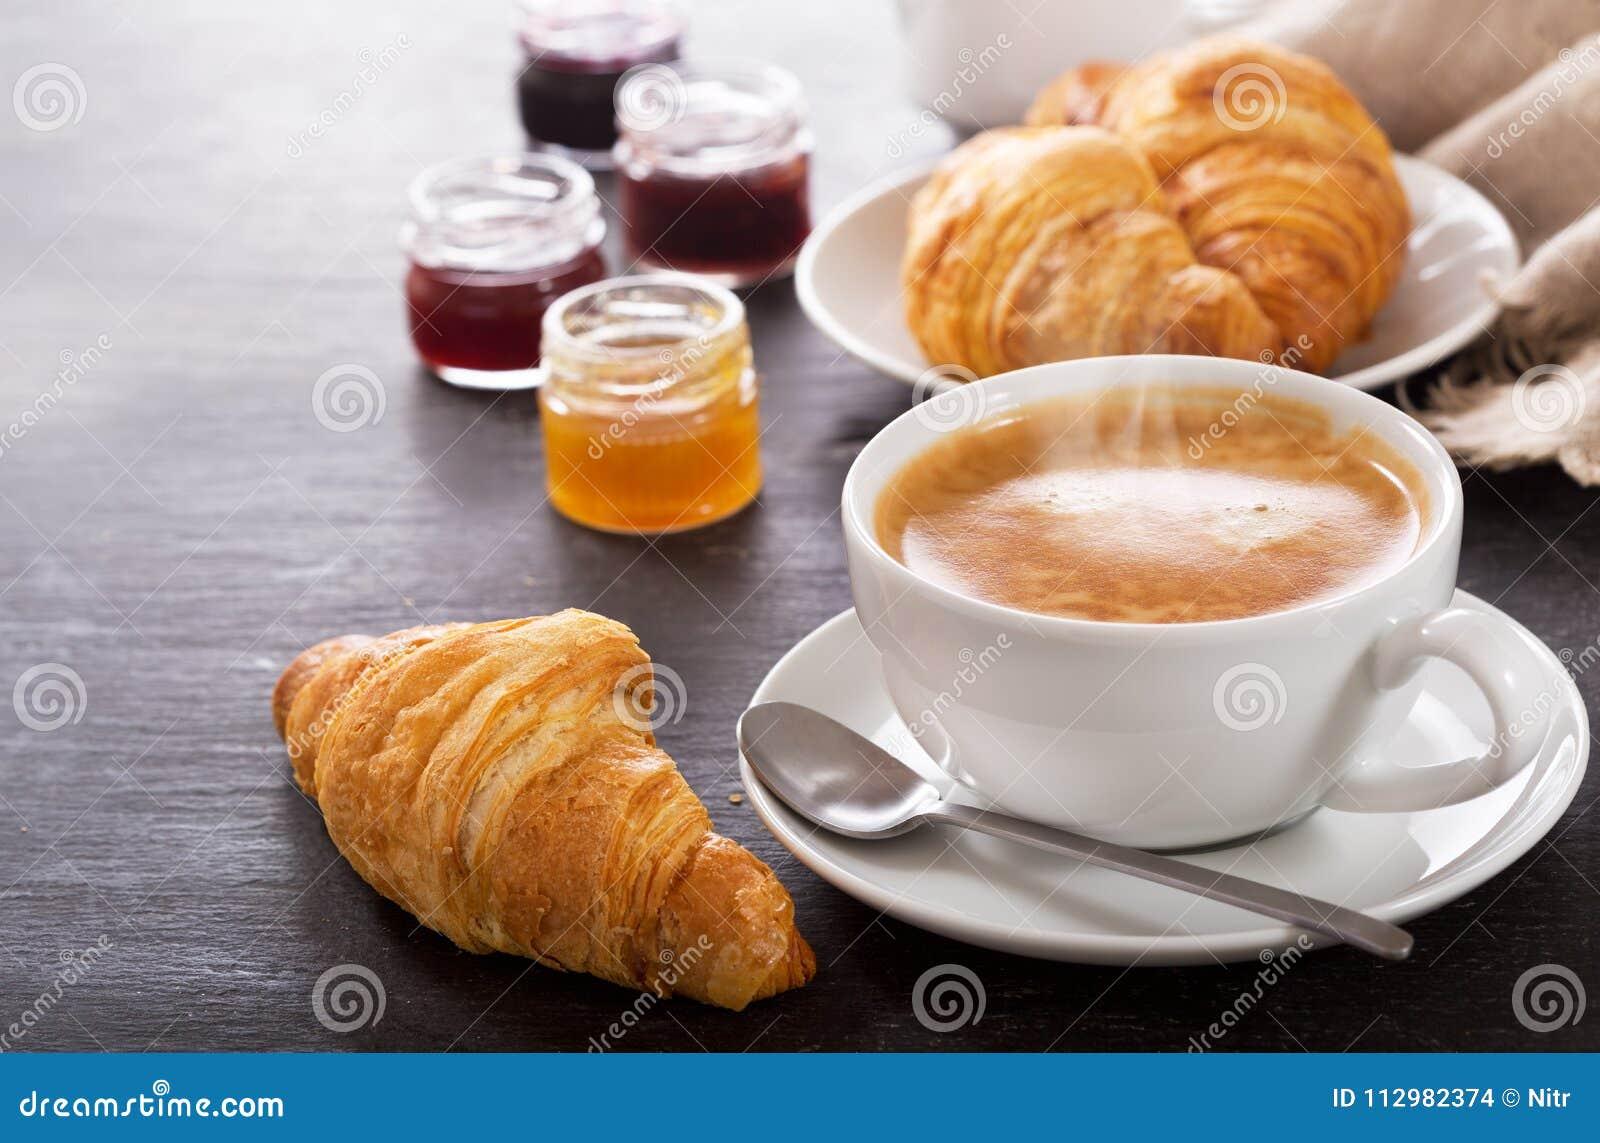 Frühstück Mit Tasse Kaffee Und Hörnchen Stockfoto - Bild von ...